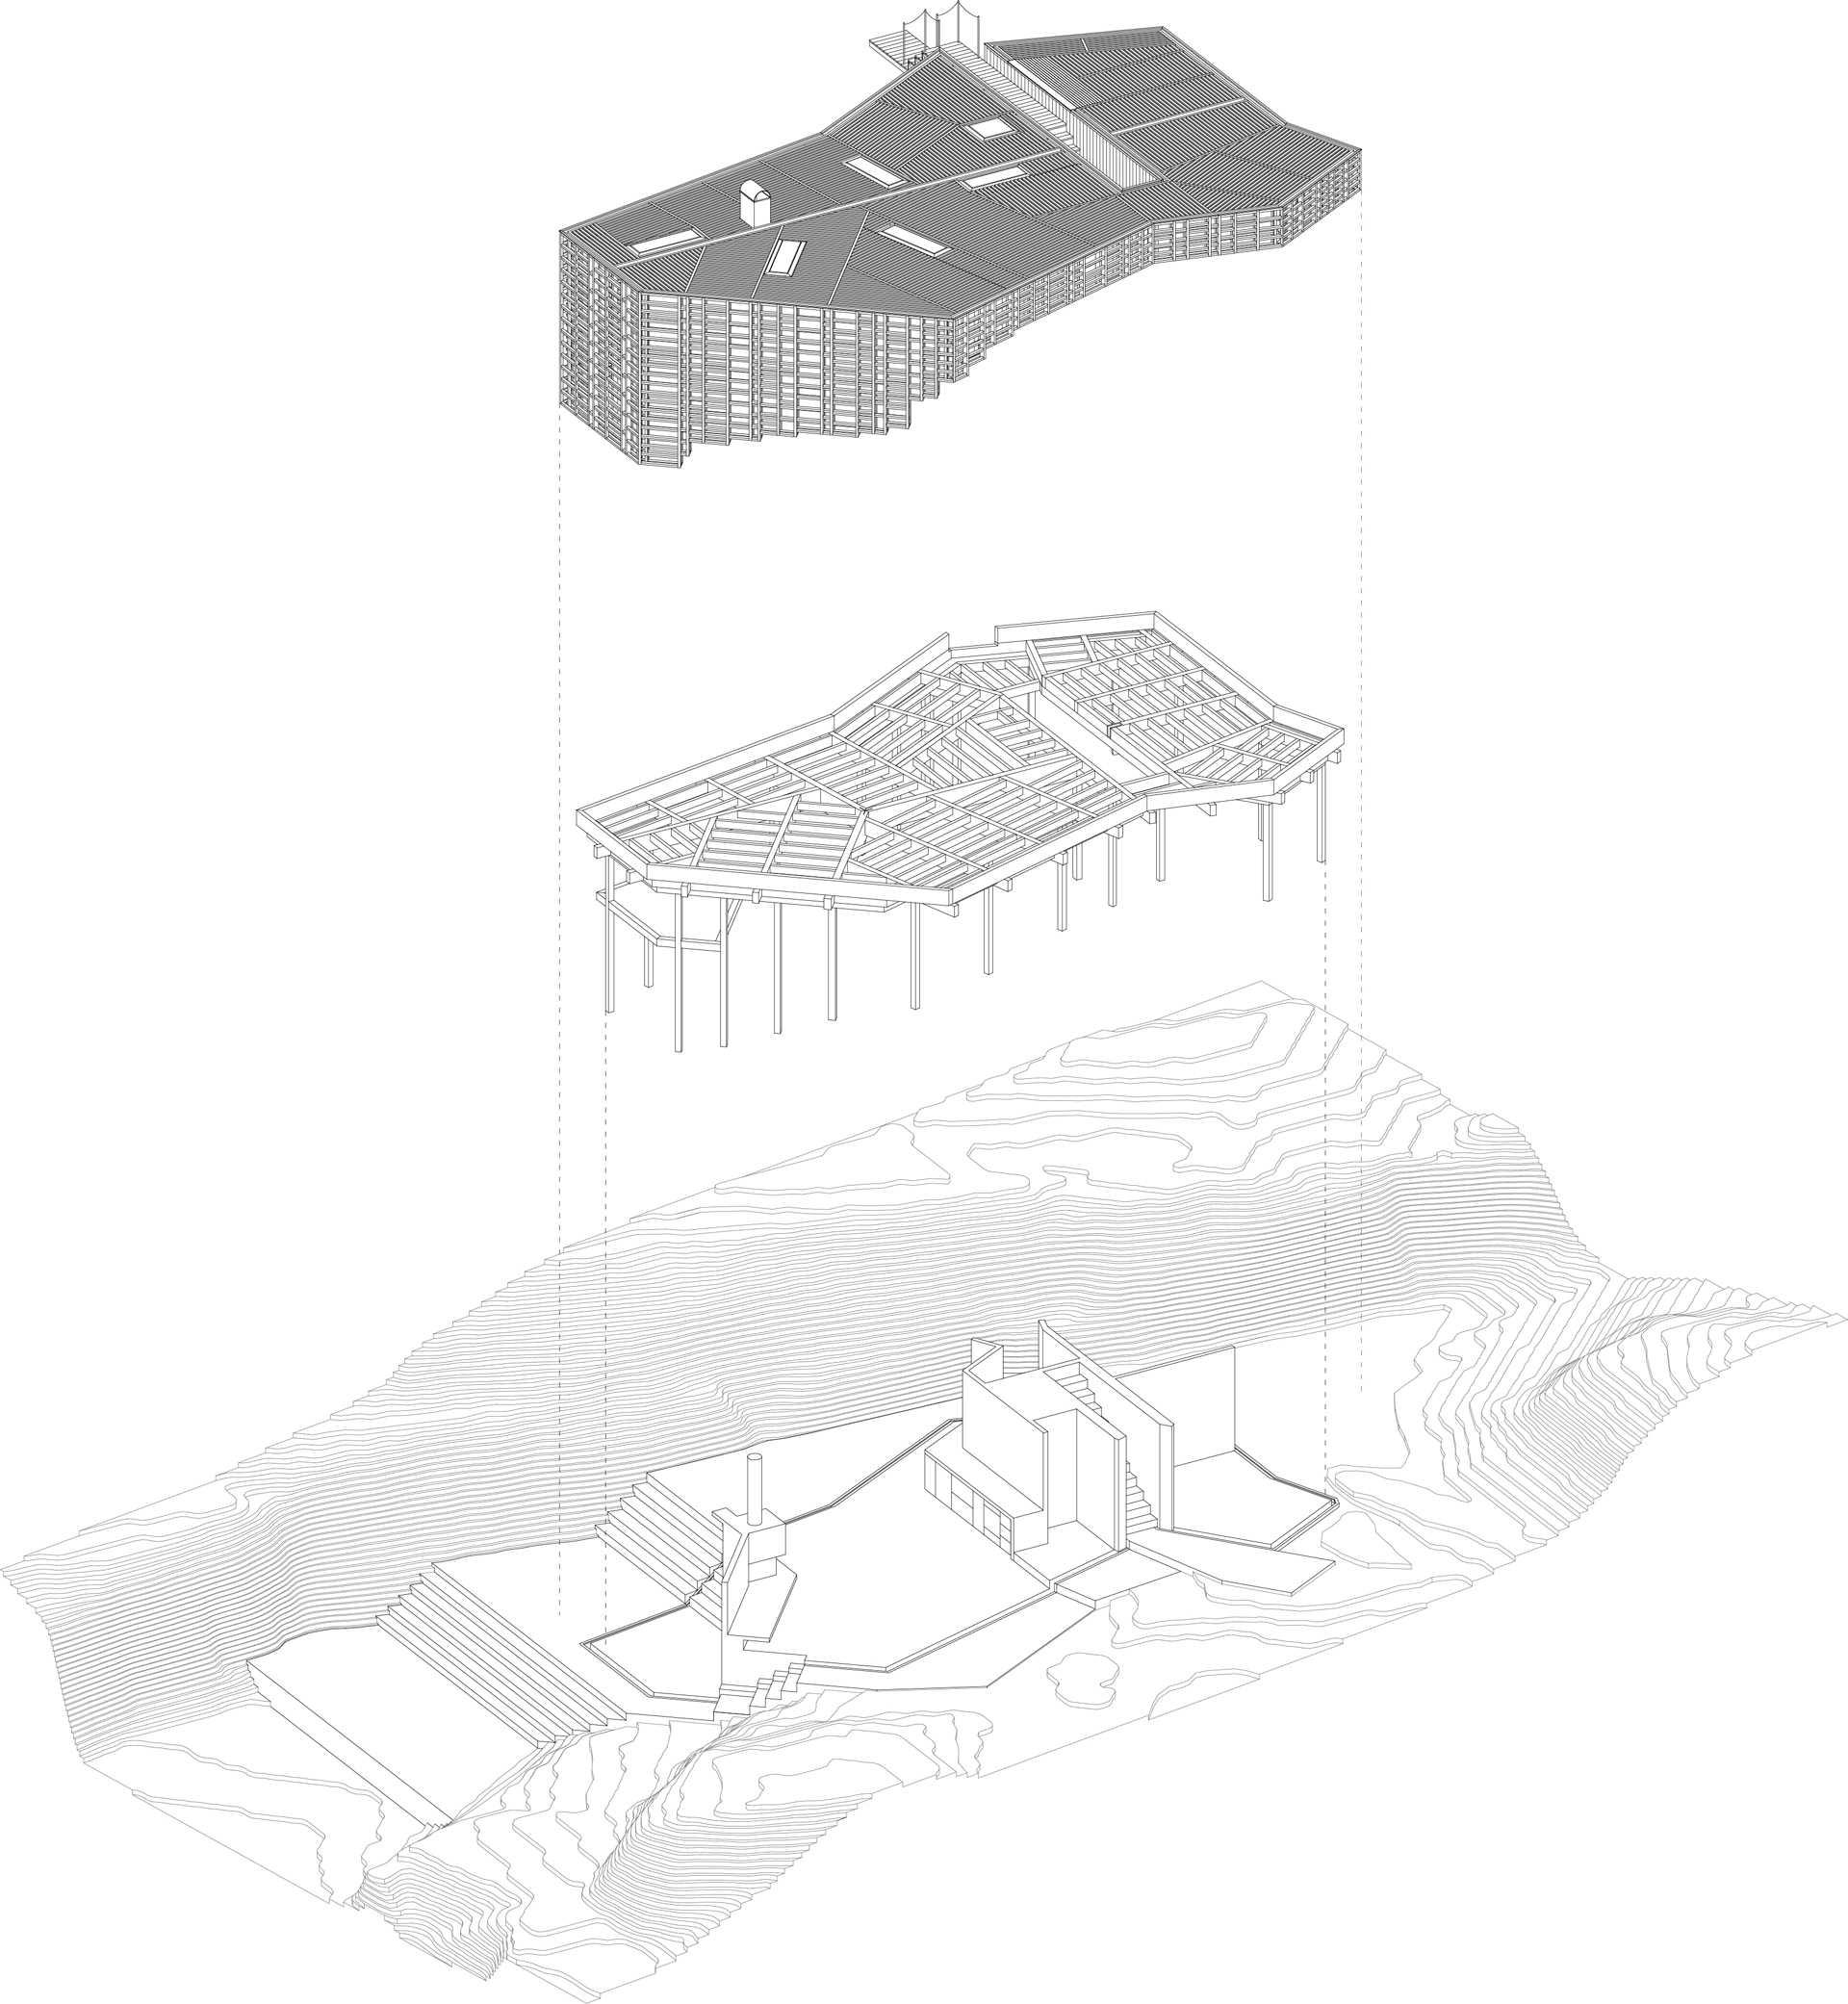 House on an island  - 31 8 53